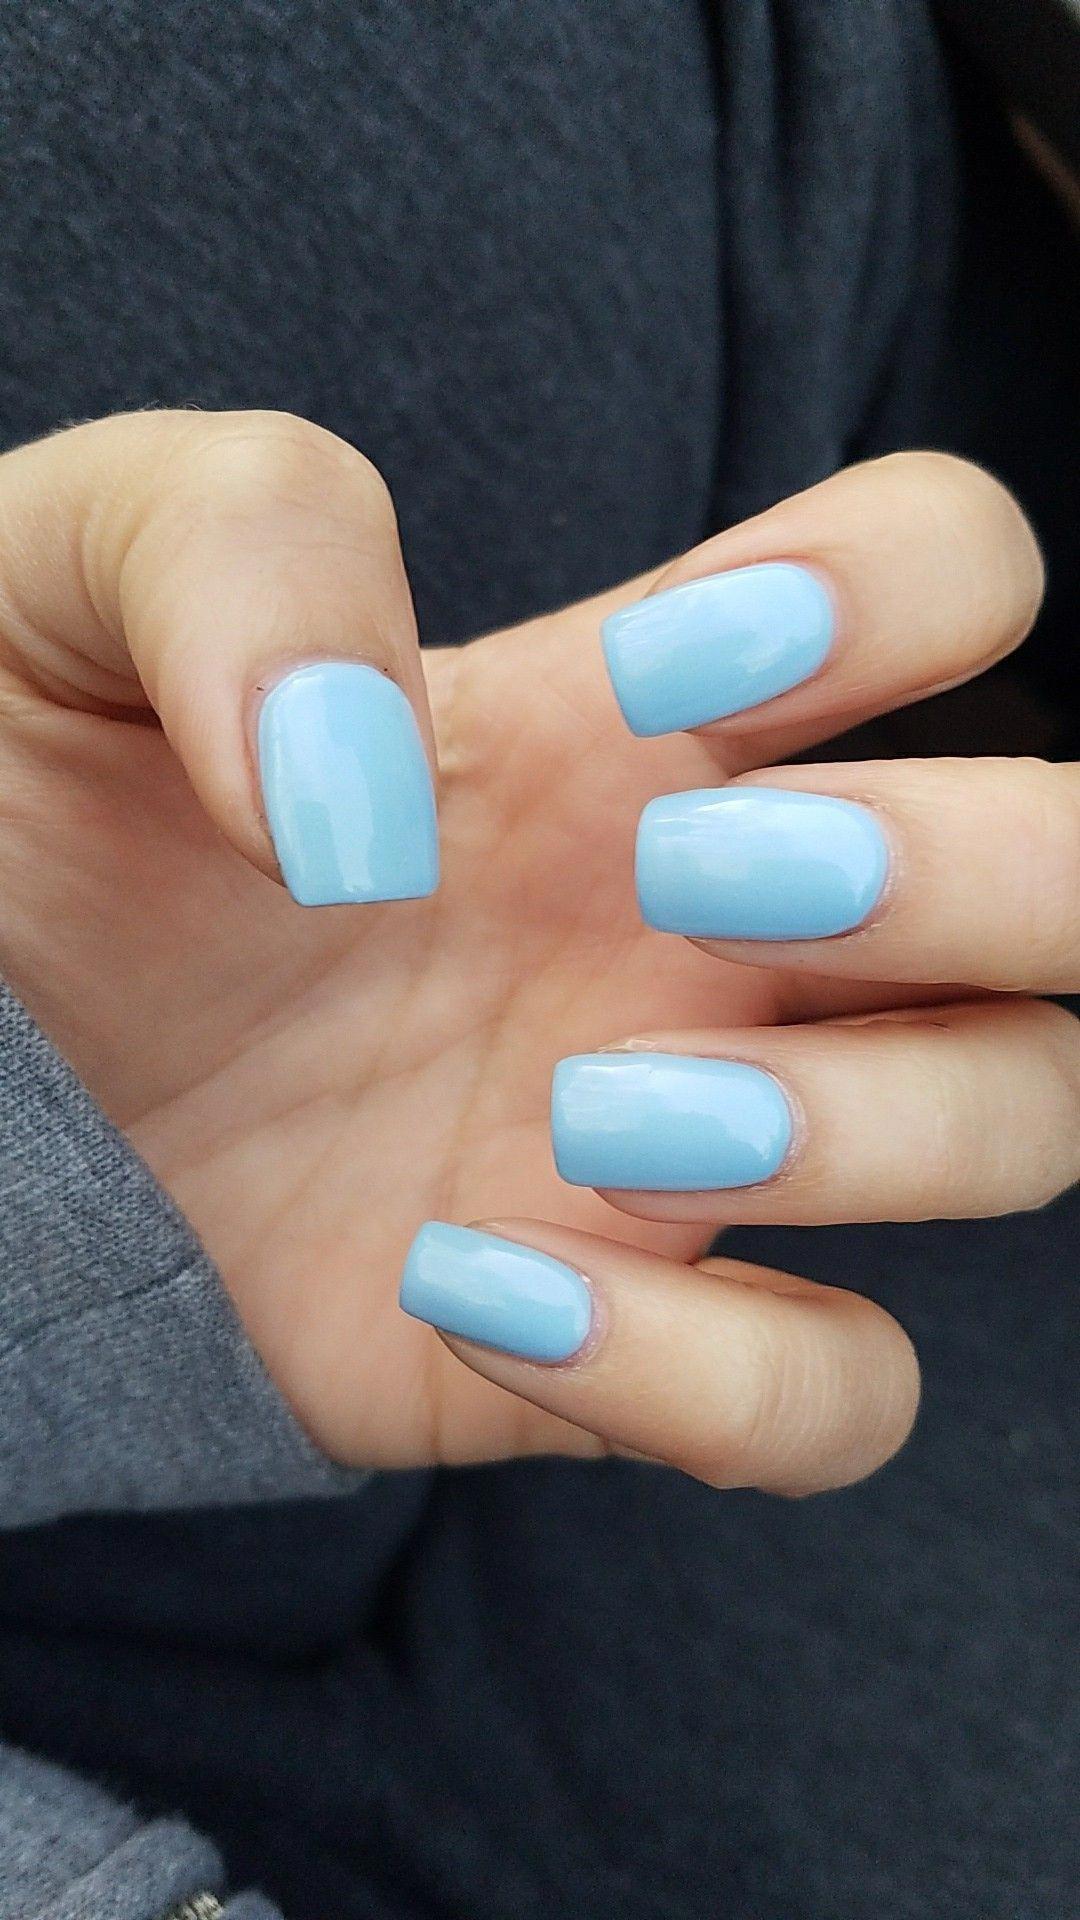 Short Square Light Blue Nails Acrylicnailsalmond Shortnailart Blue Acrylic Nails Square Acrylic Nails Light Blue Nails